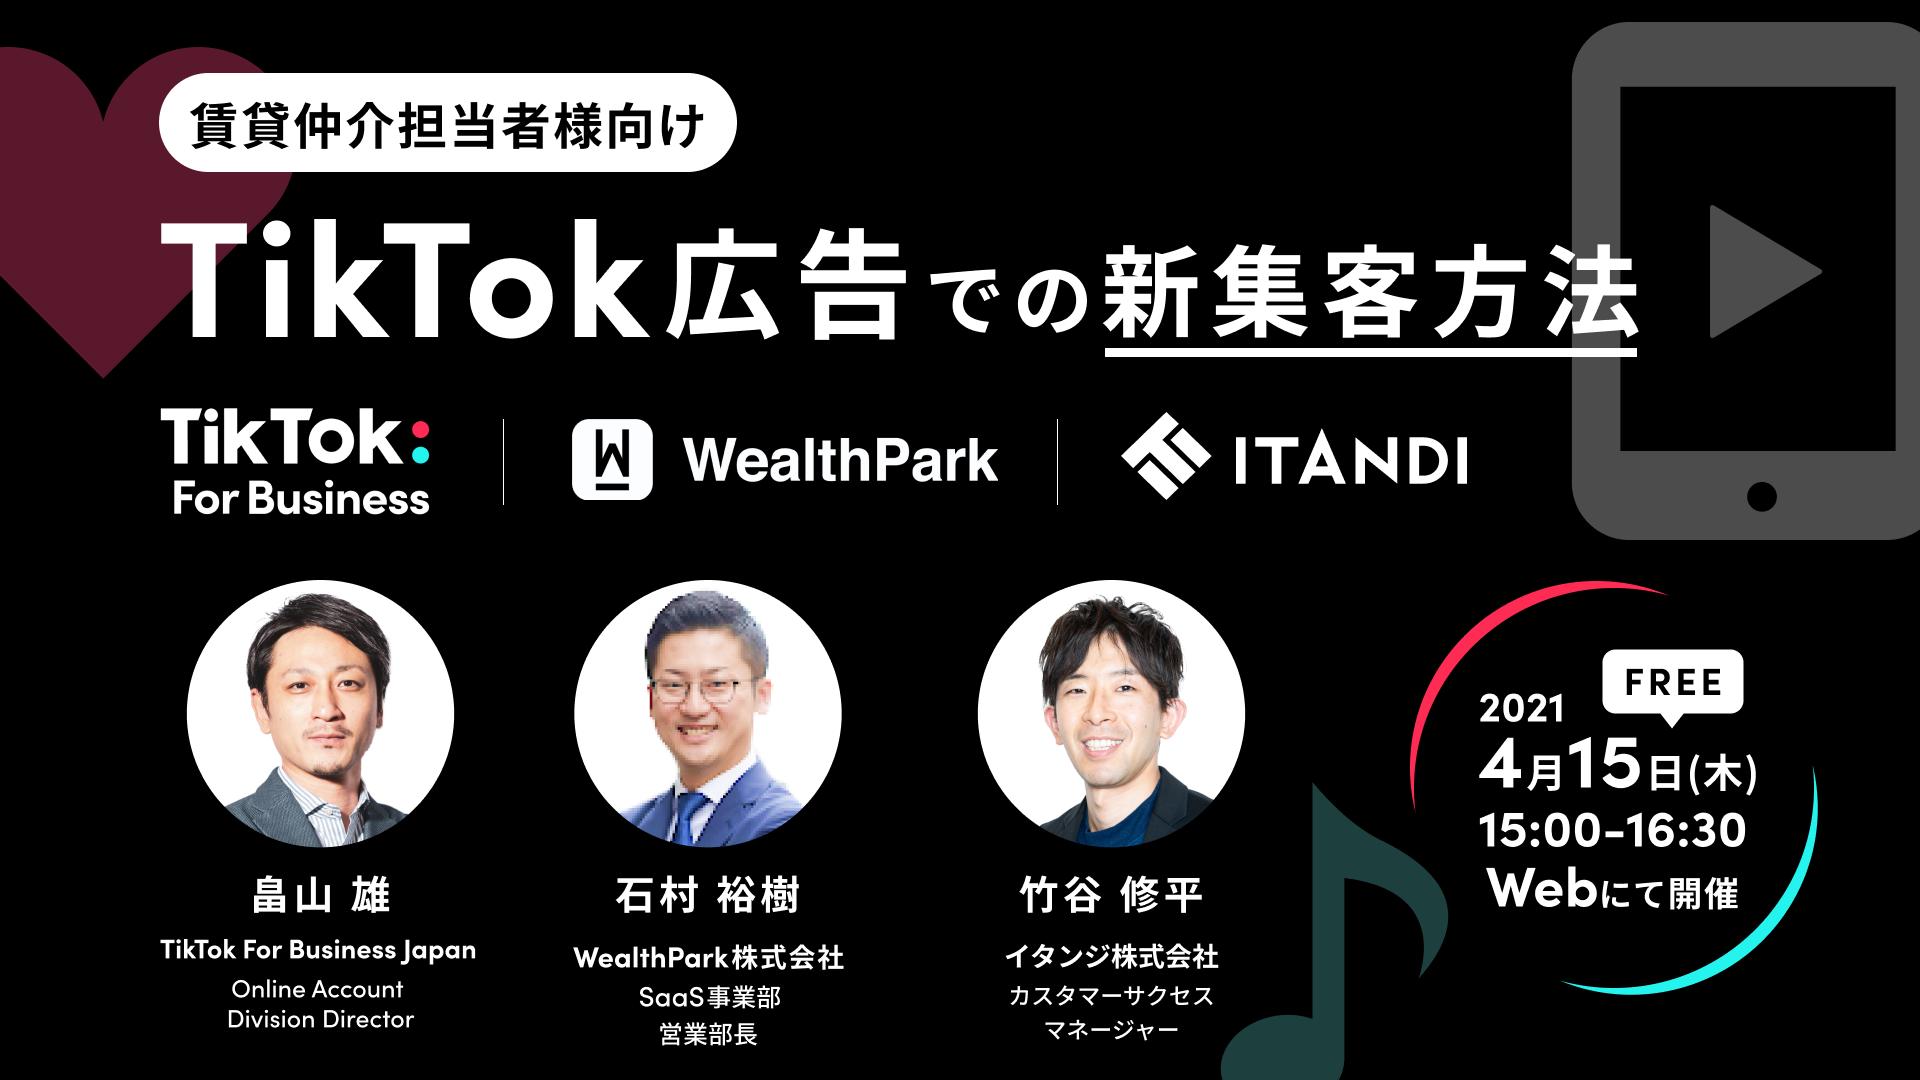 20210415_賃貸仲介担当者向けTikTok広告での新集客方法